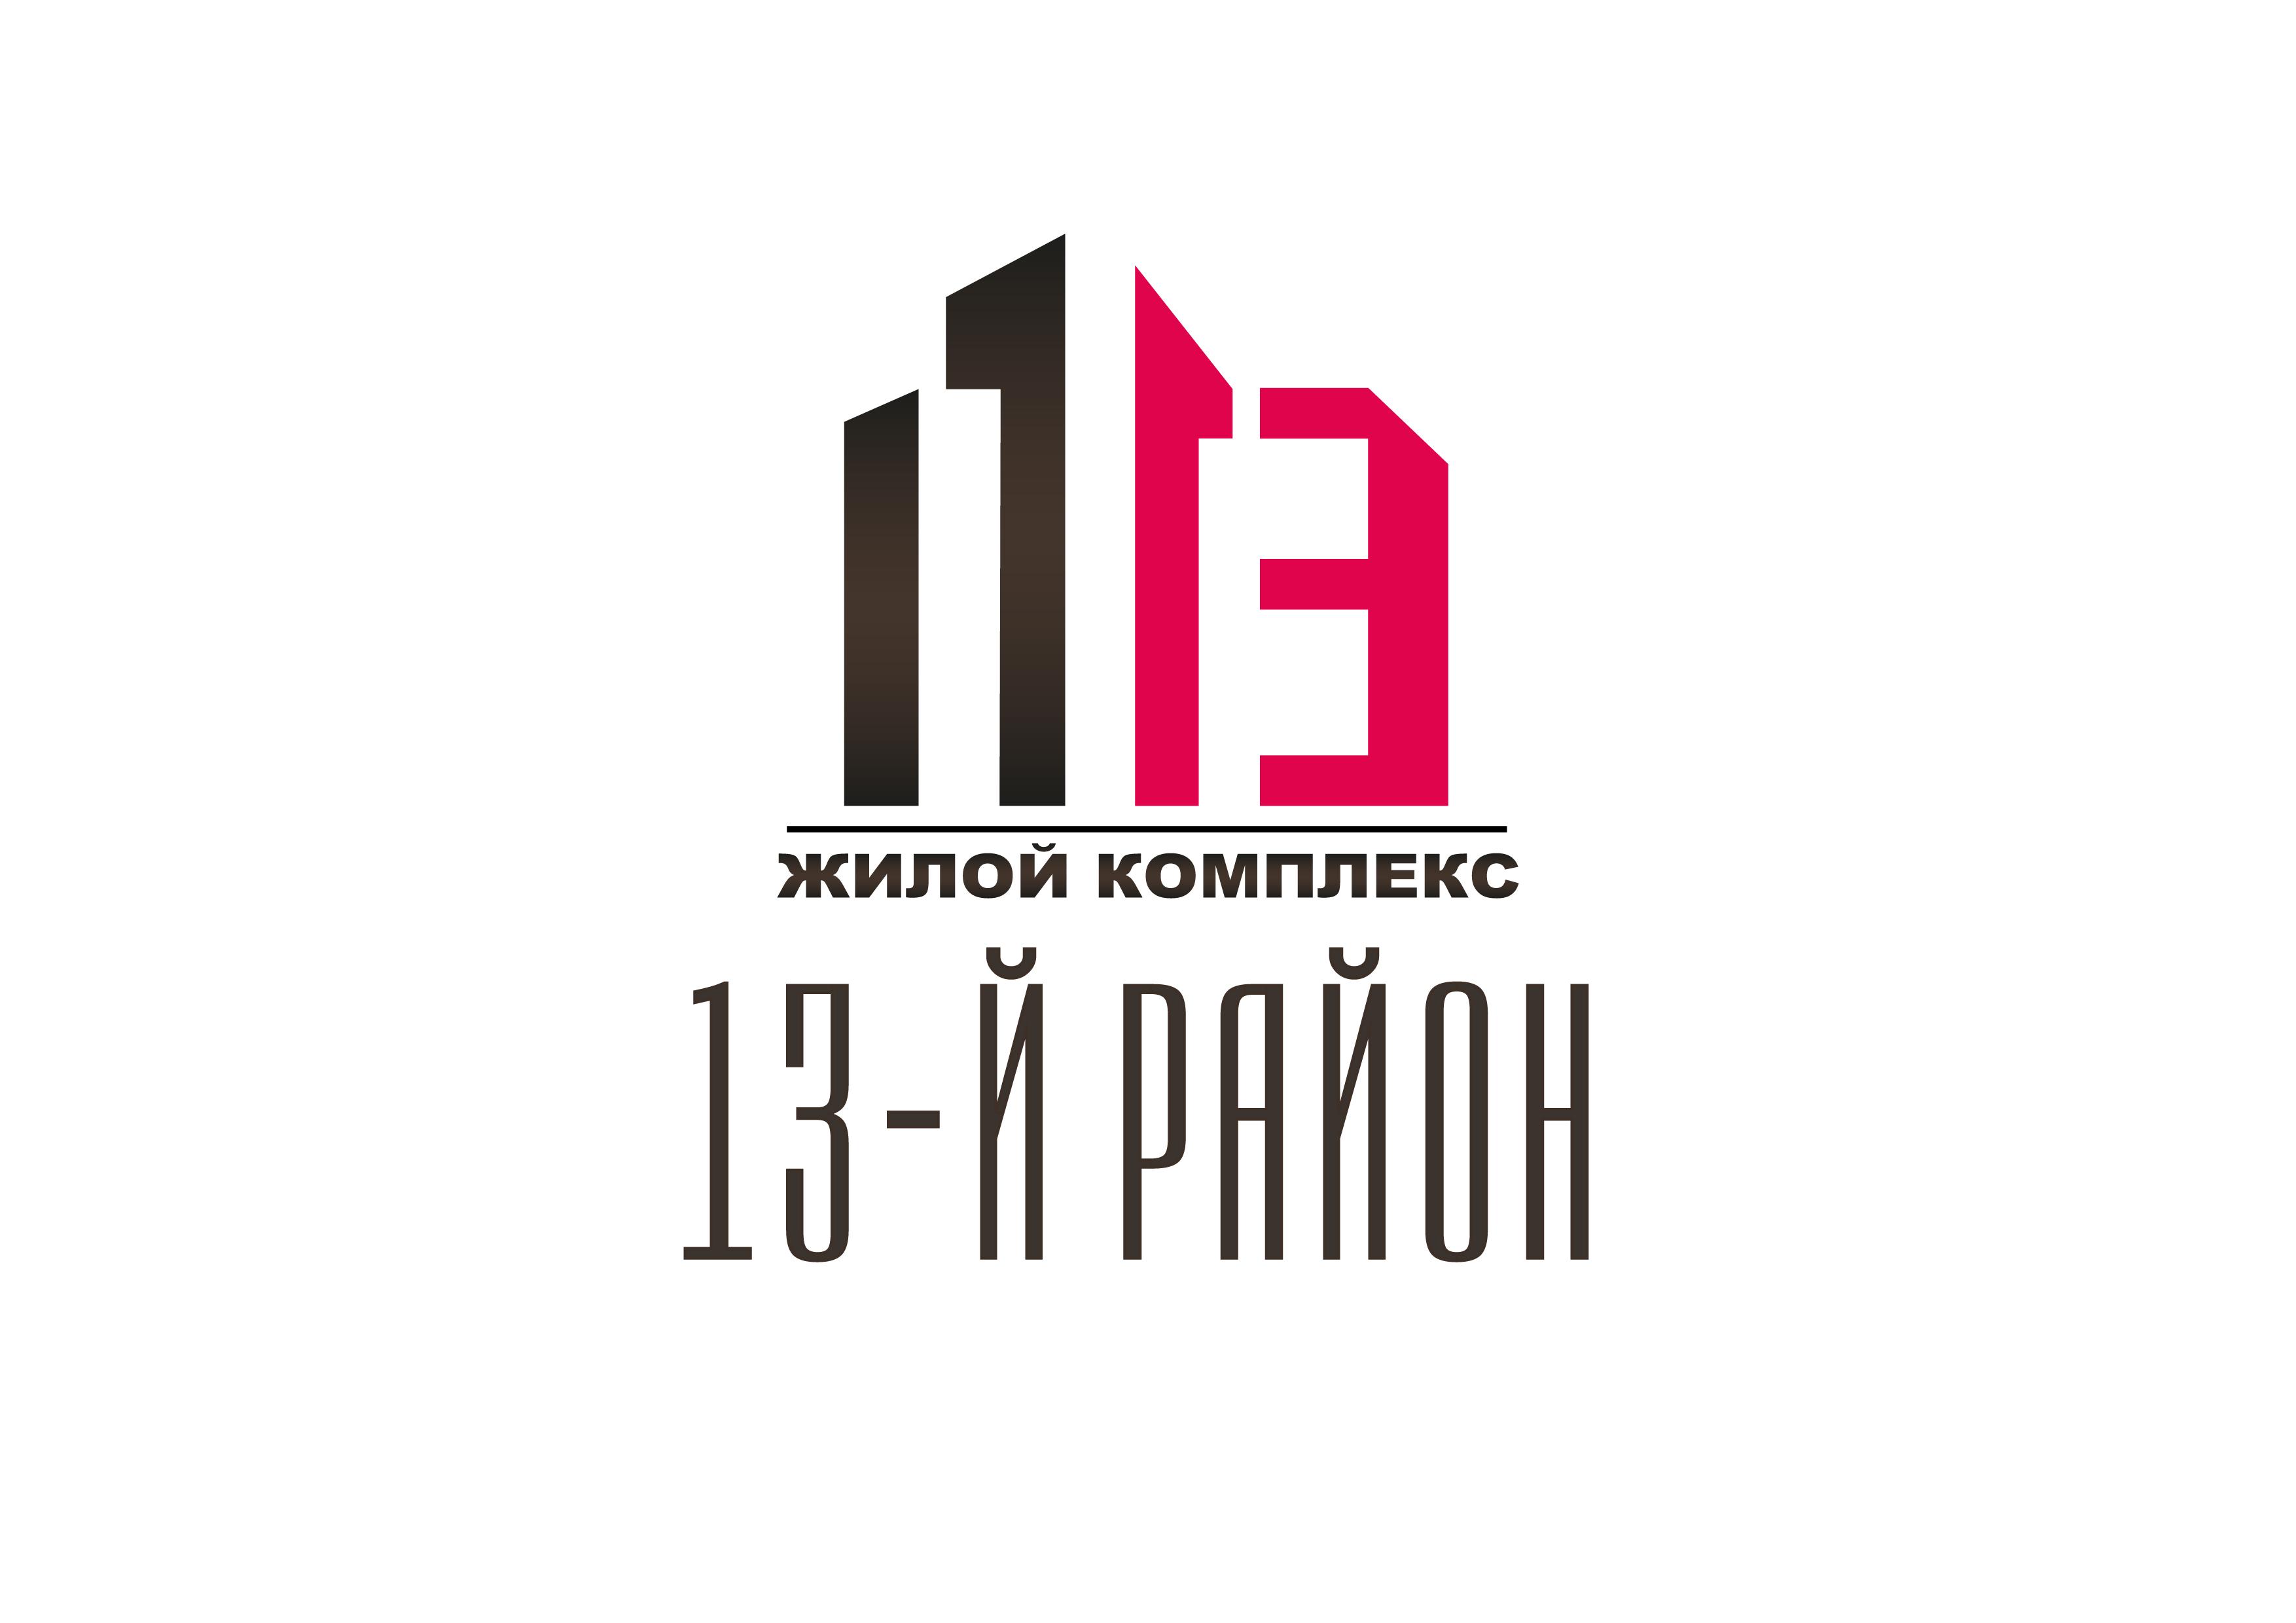 Разработка логотипа и фирменный стиль фото f_2285971c3eda8b22.jpg